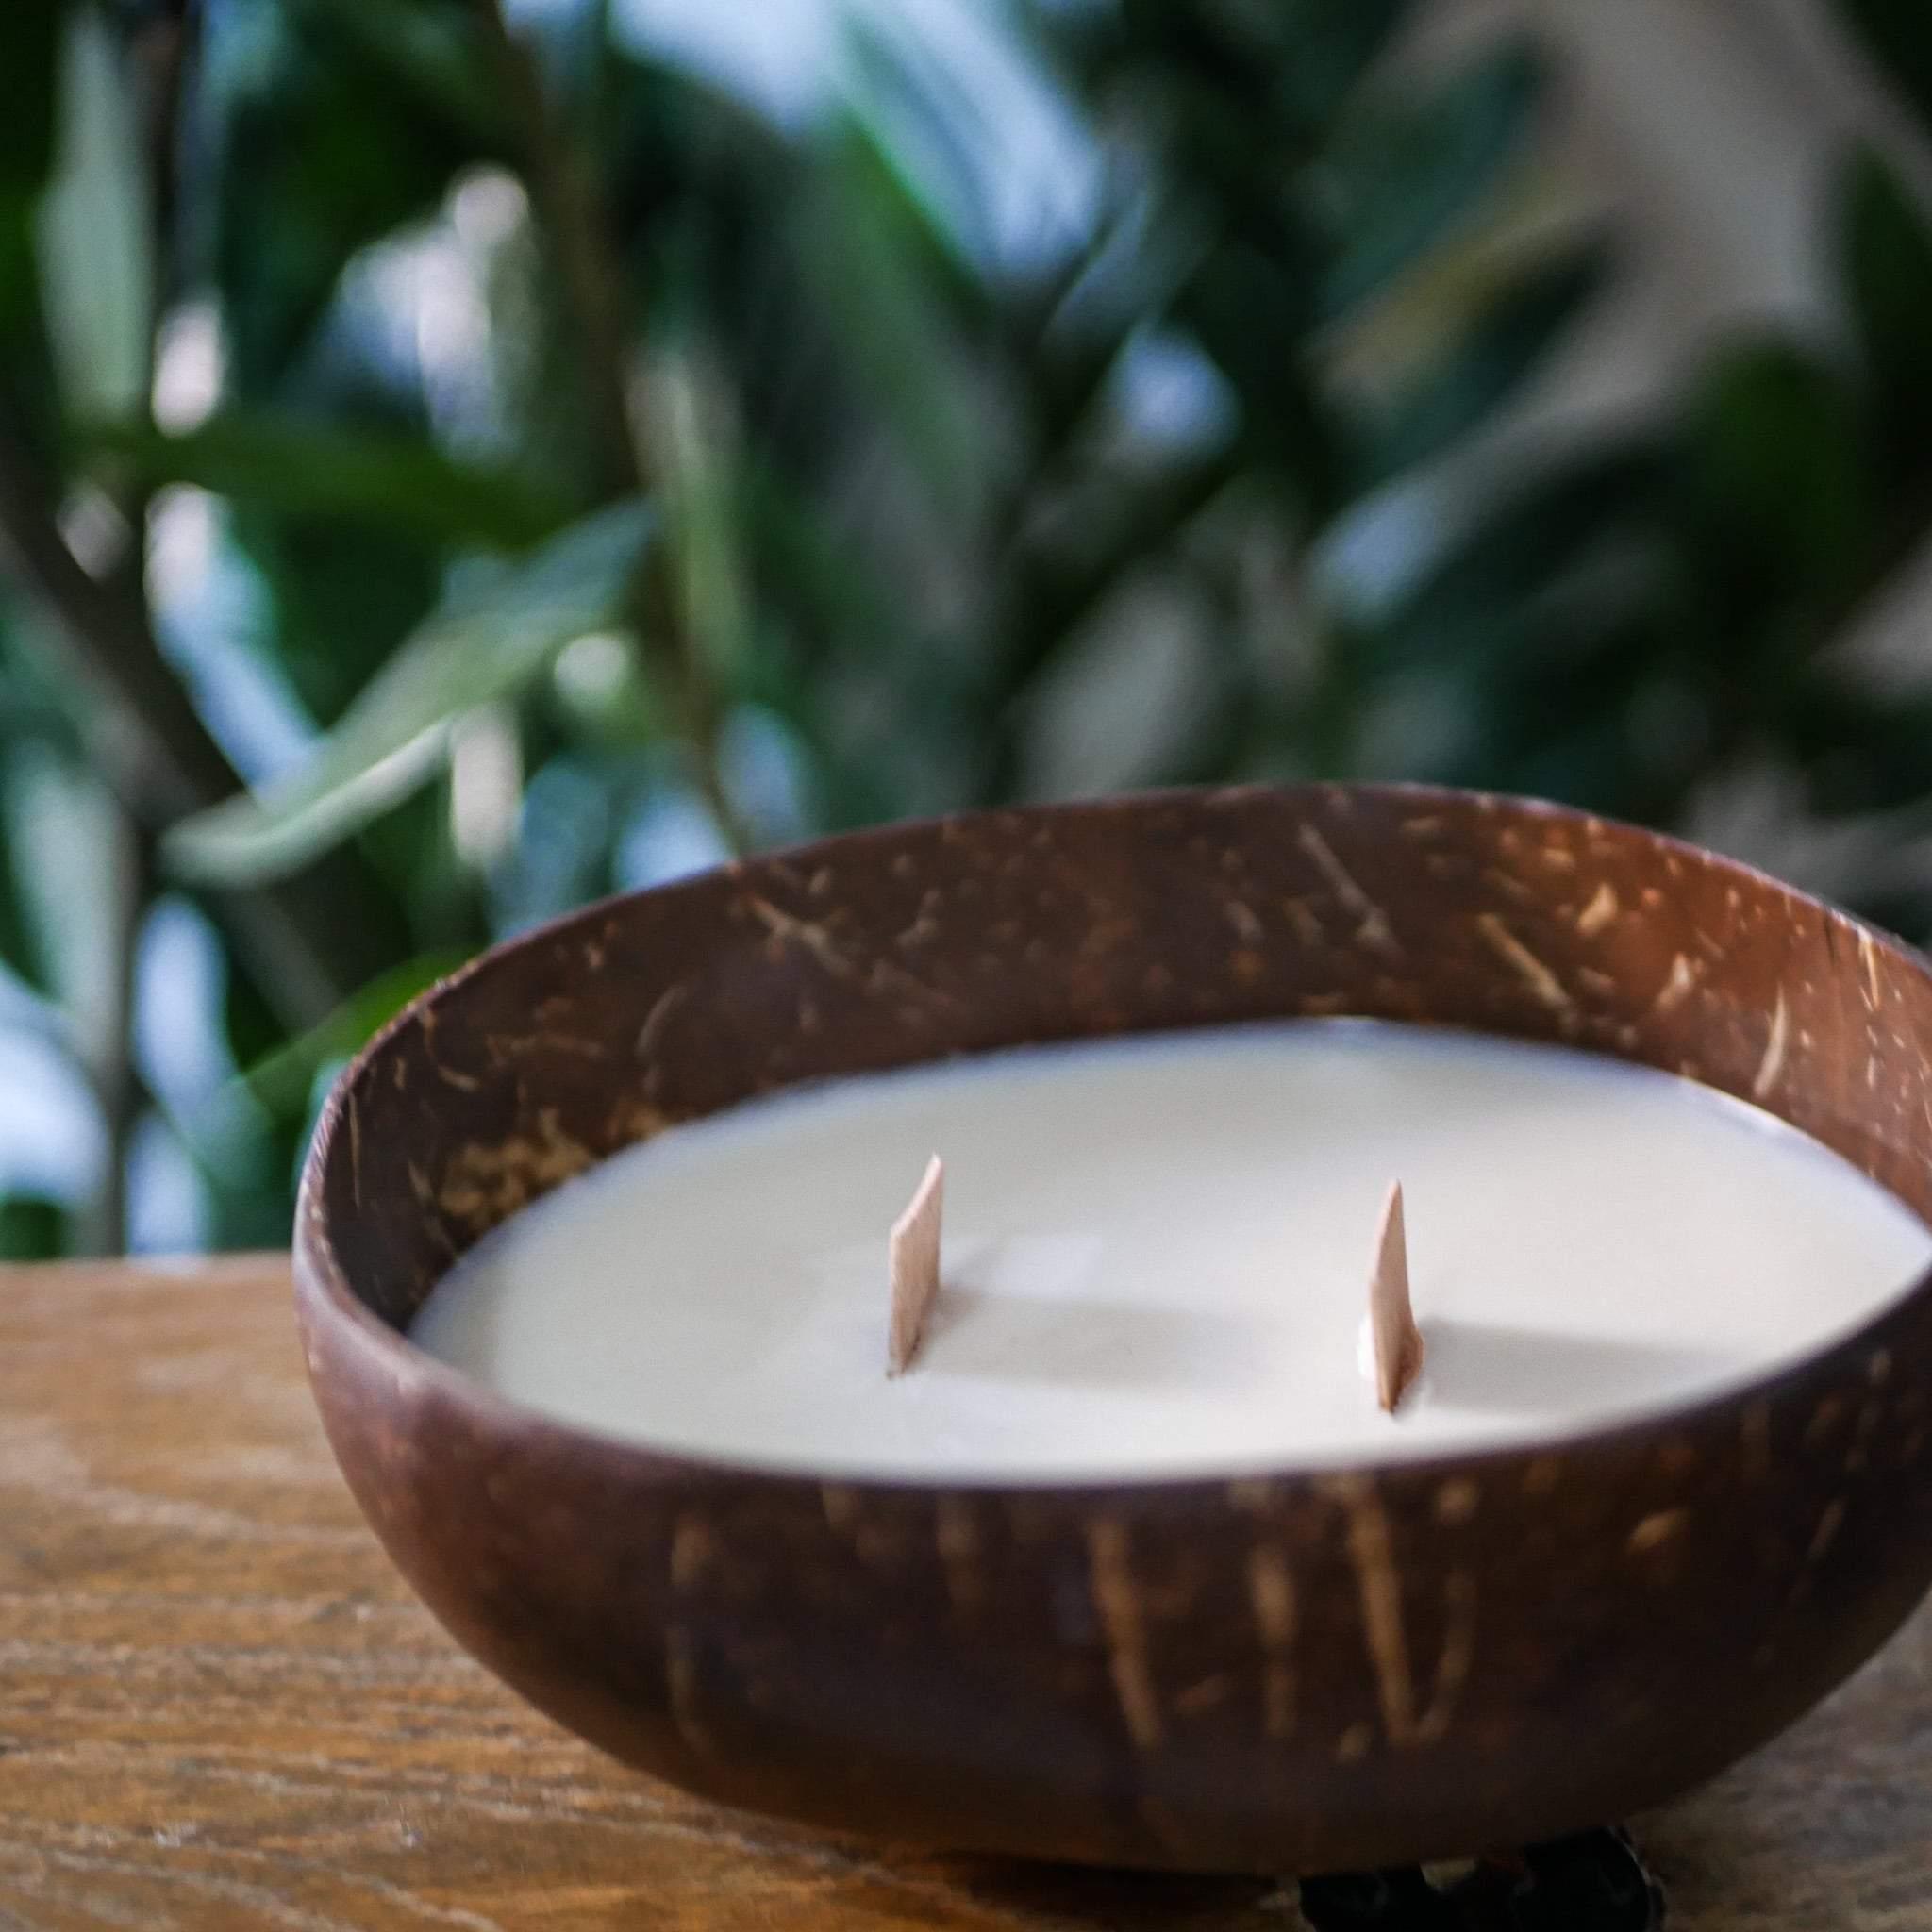 Bougie artisanale noix de coco